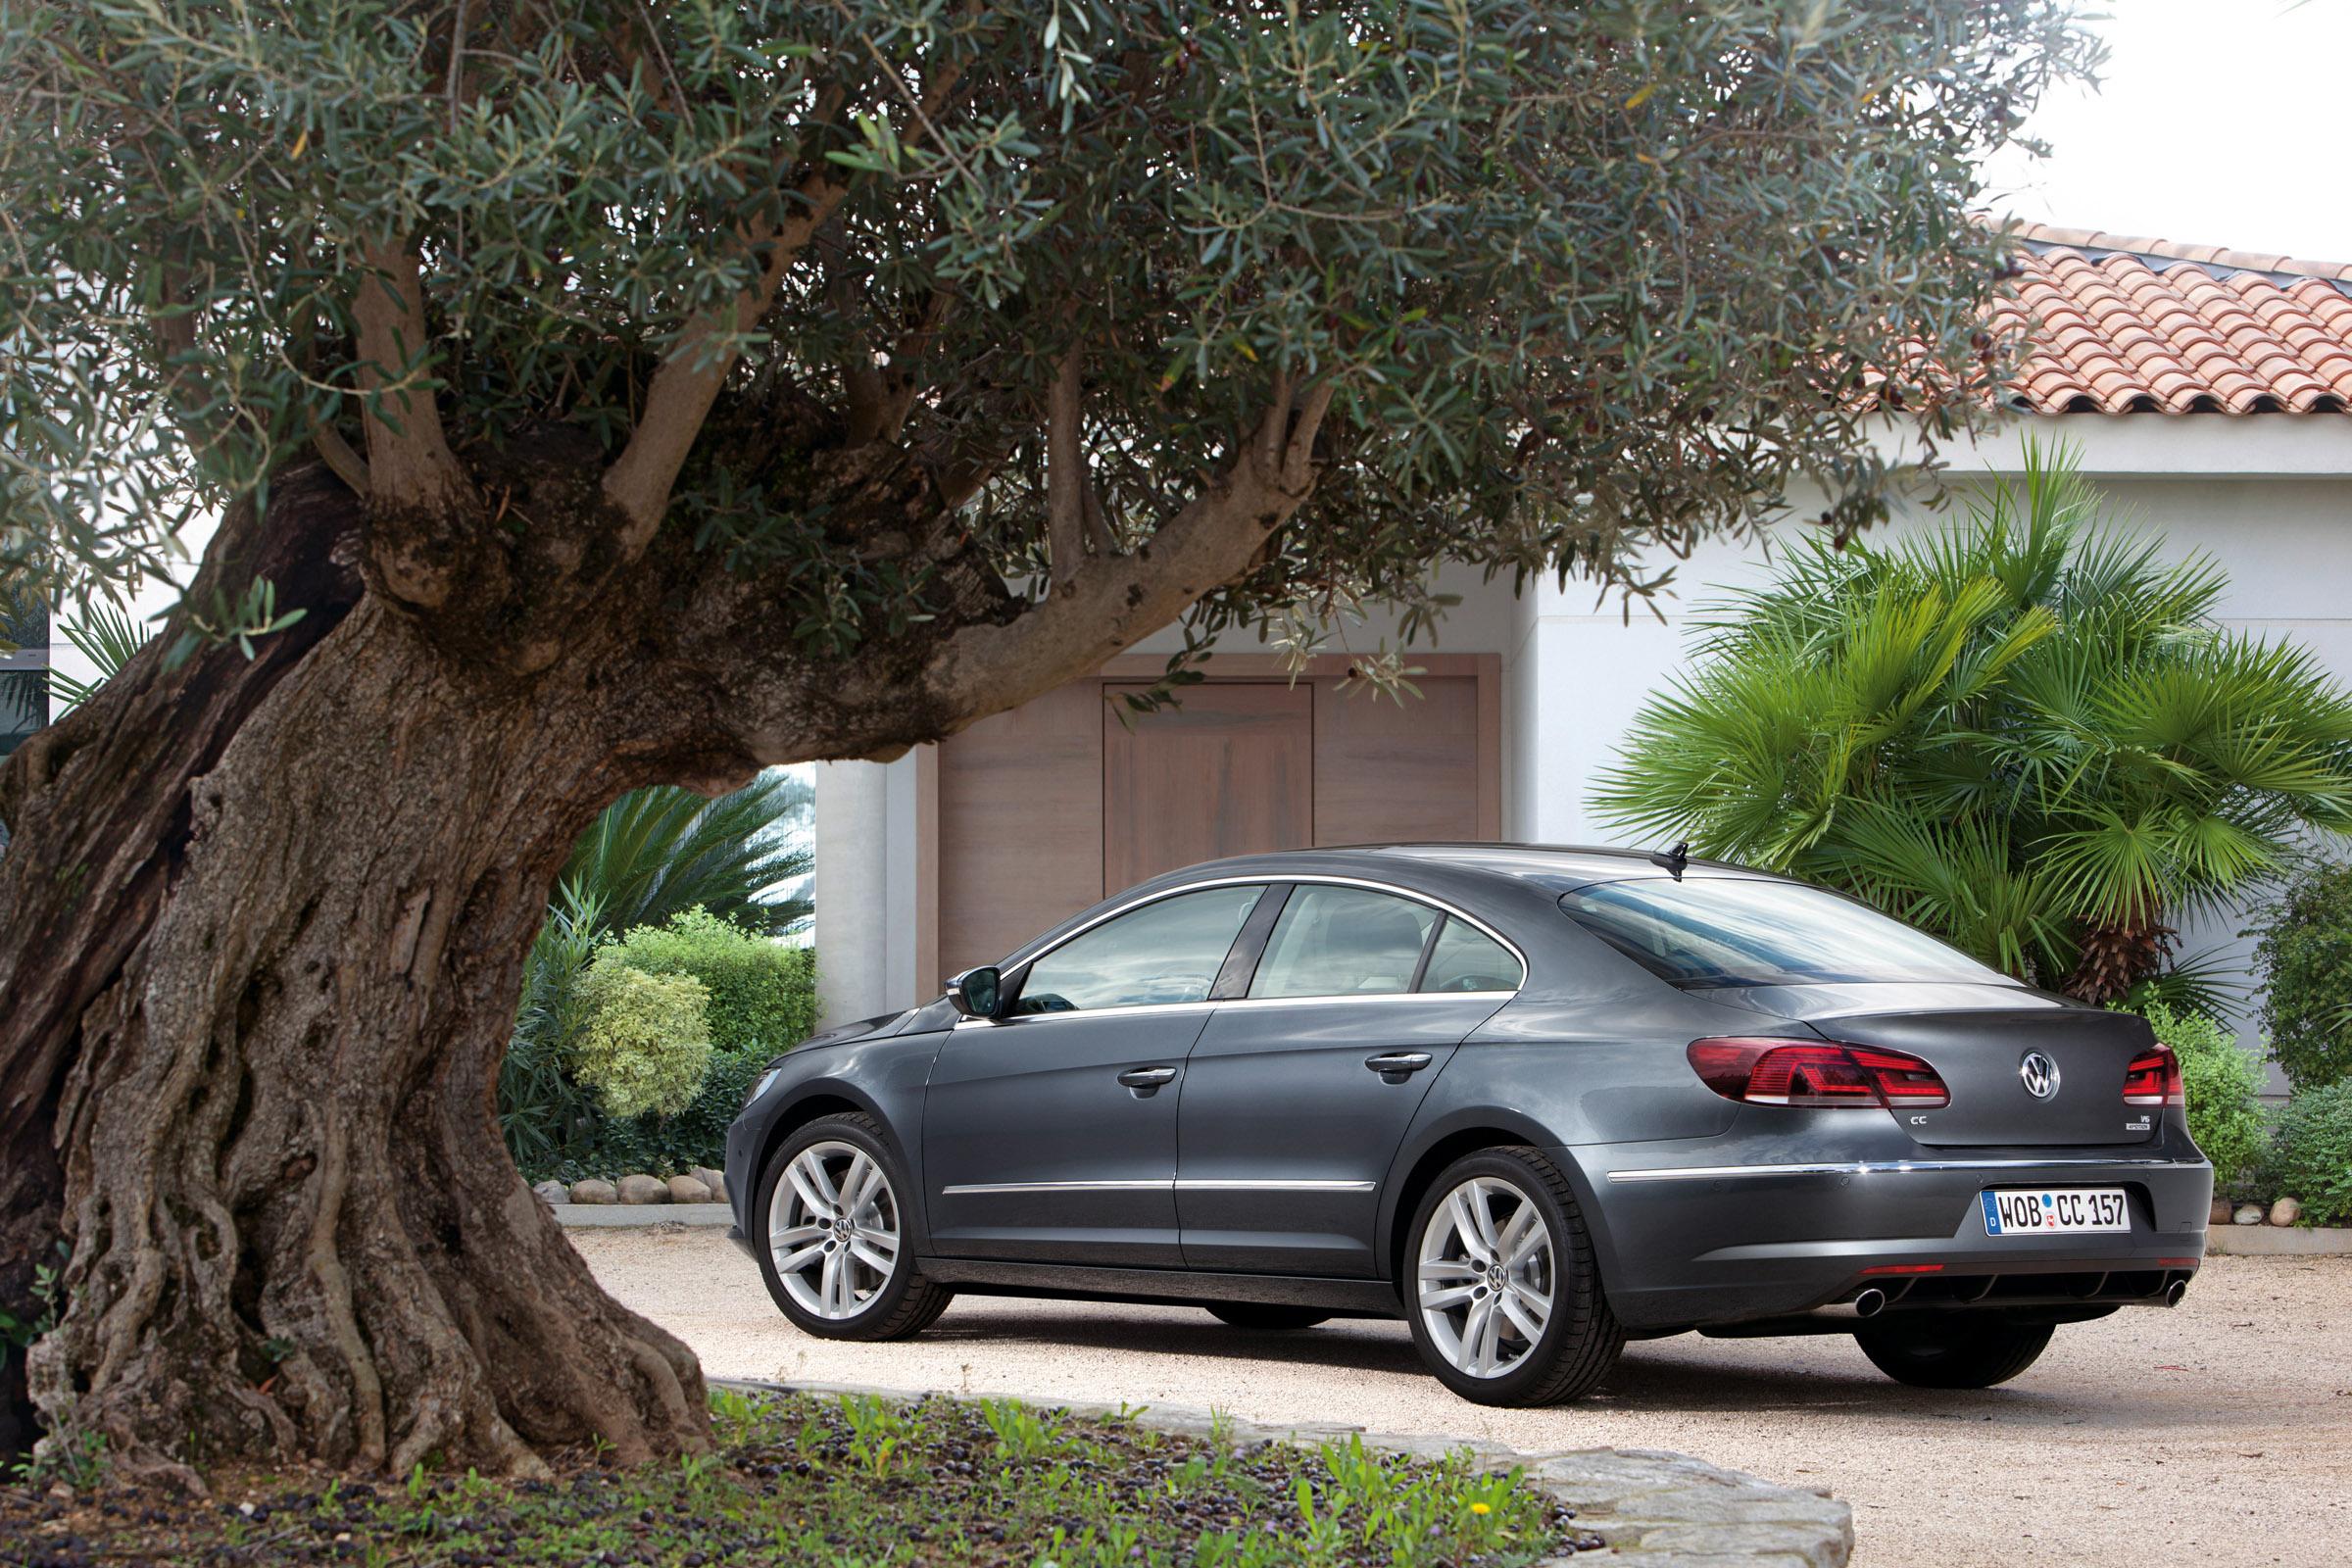 VW Cc For Sale >> 2012 Volkswagen Passat CC